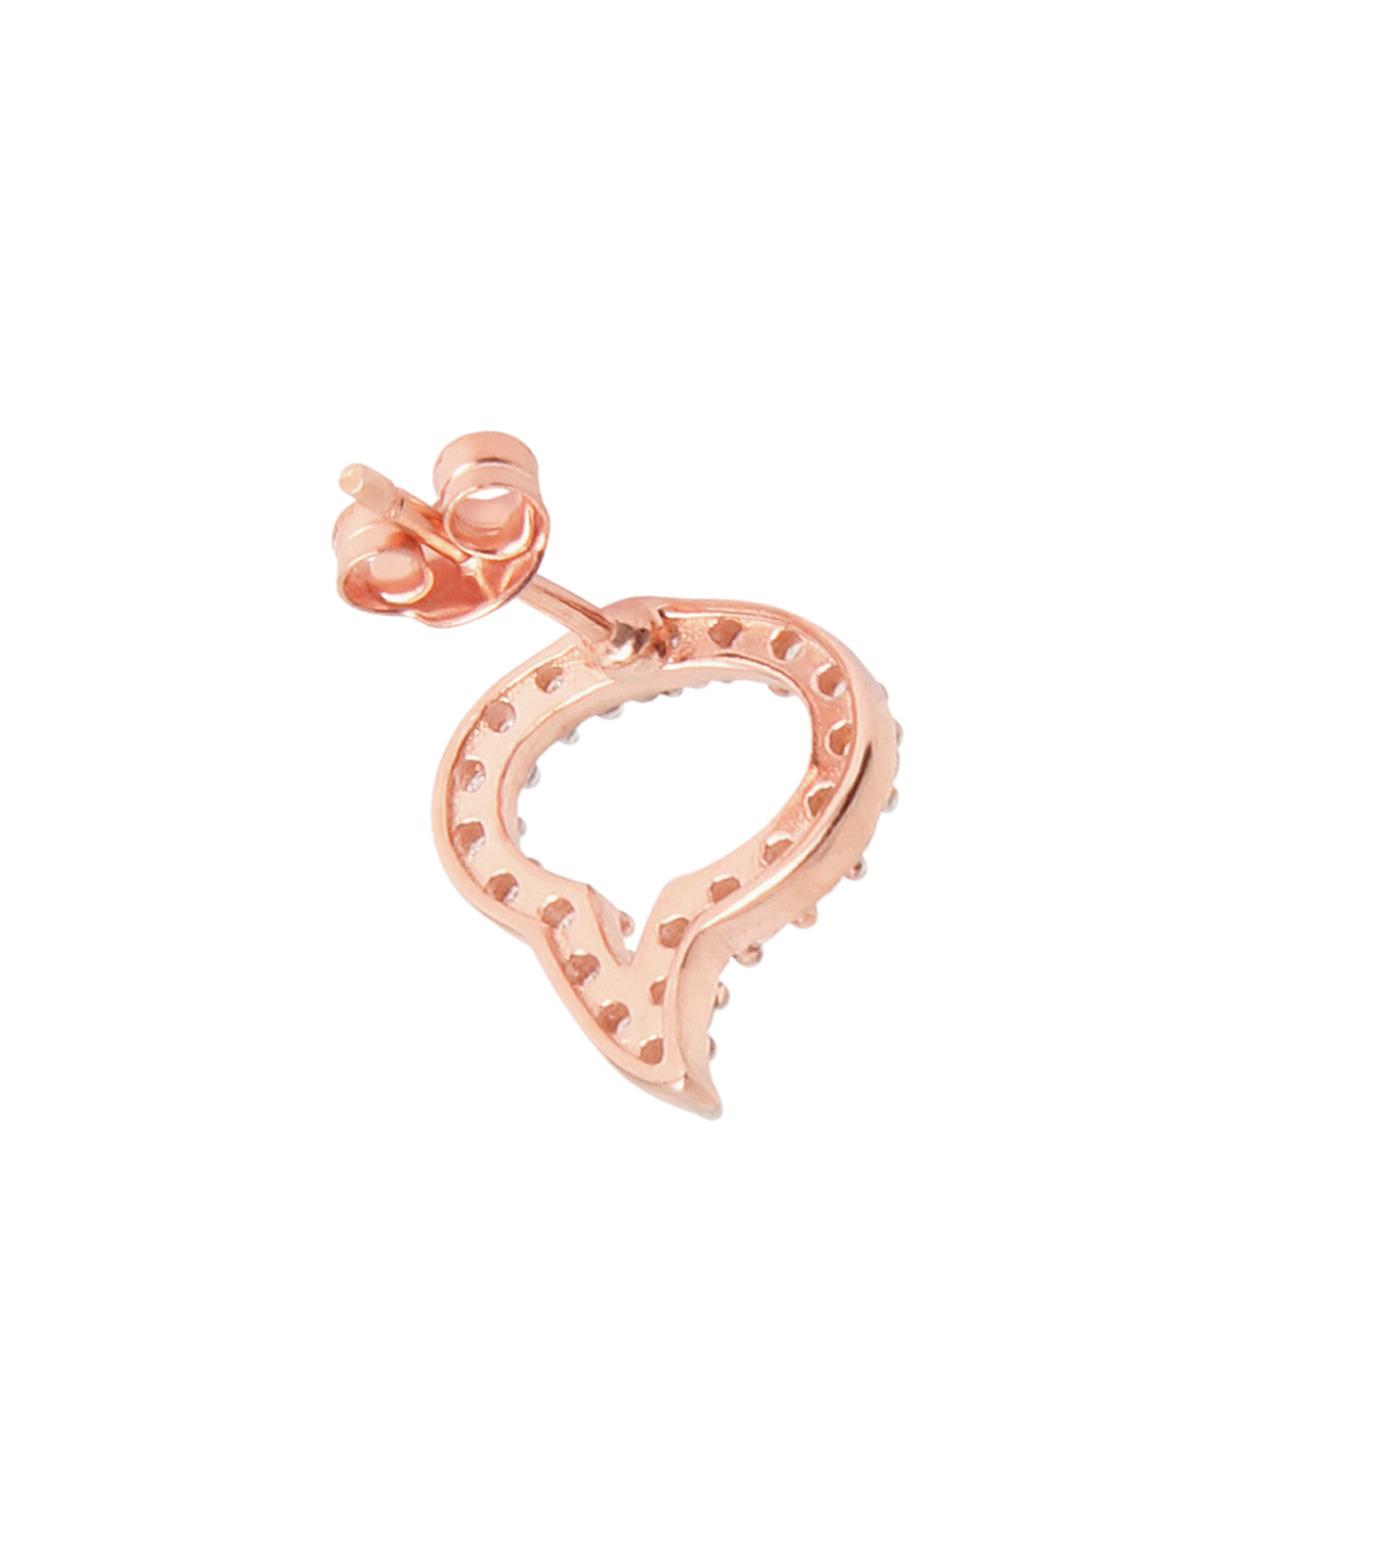 Priyanka(プリヤンカ)のSpeech Bubble Earrings-ROSE-E-18-75 拡大詳細画像3